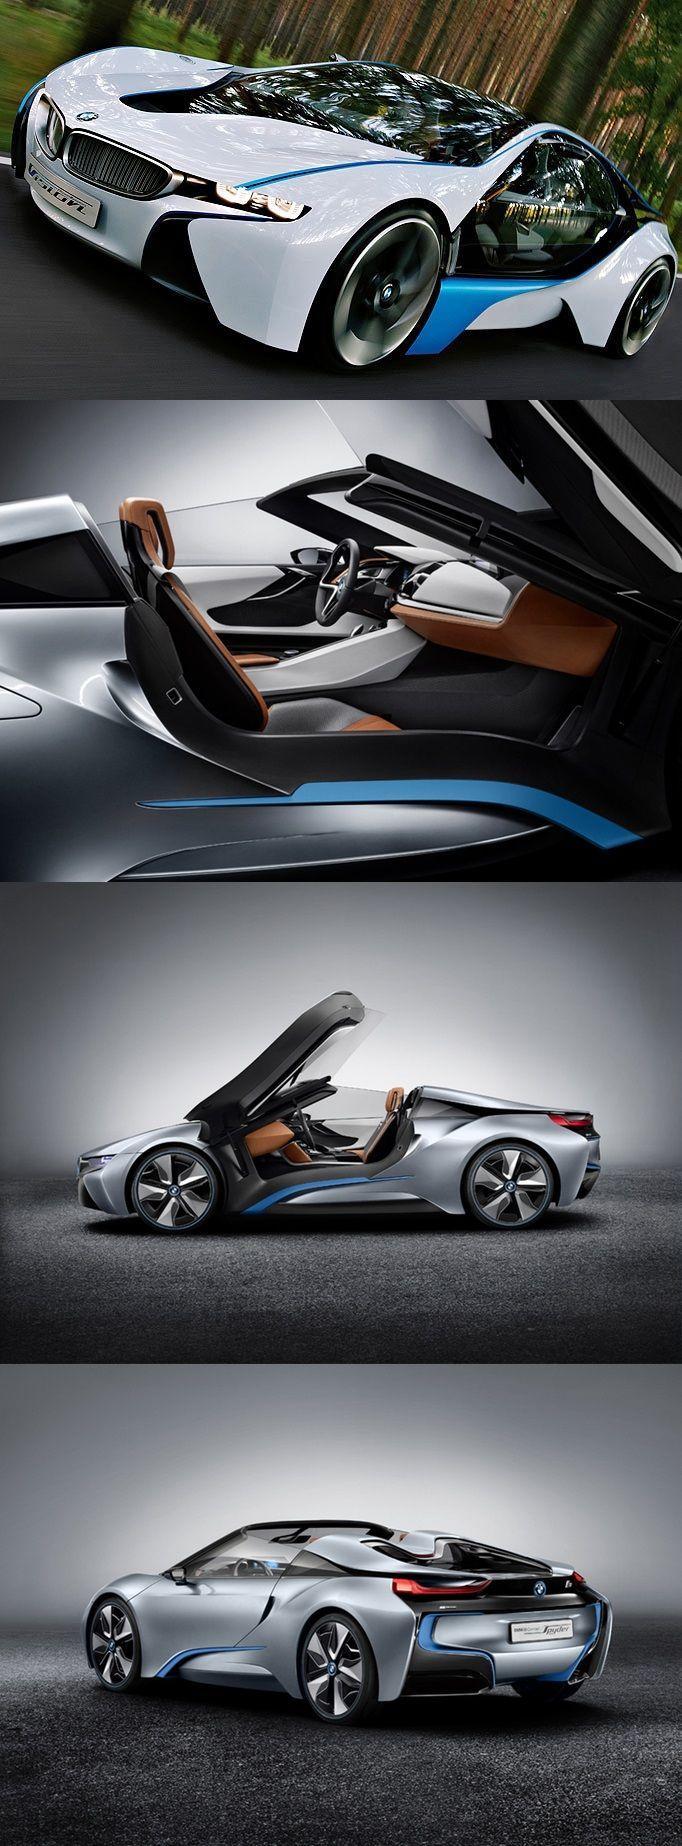 Bmw i8. 미래적 느낌의 디자인이 아름답다. 익스테리어 인테리어 휠까지 모두 잘 어울린다.